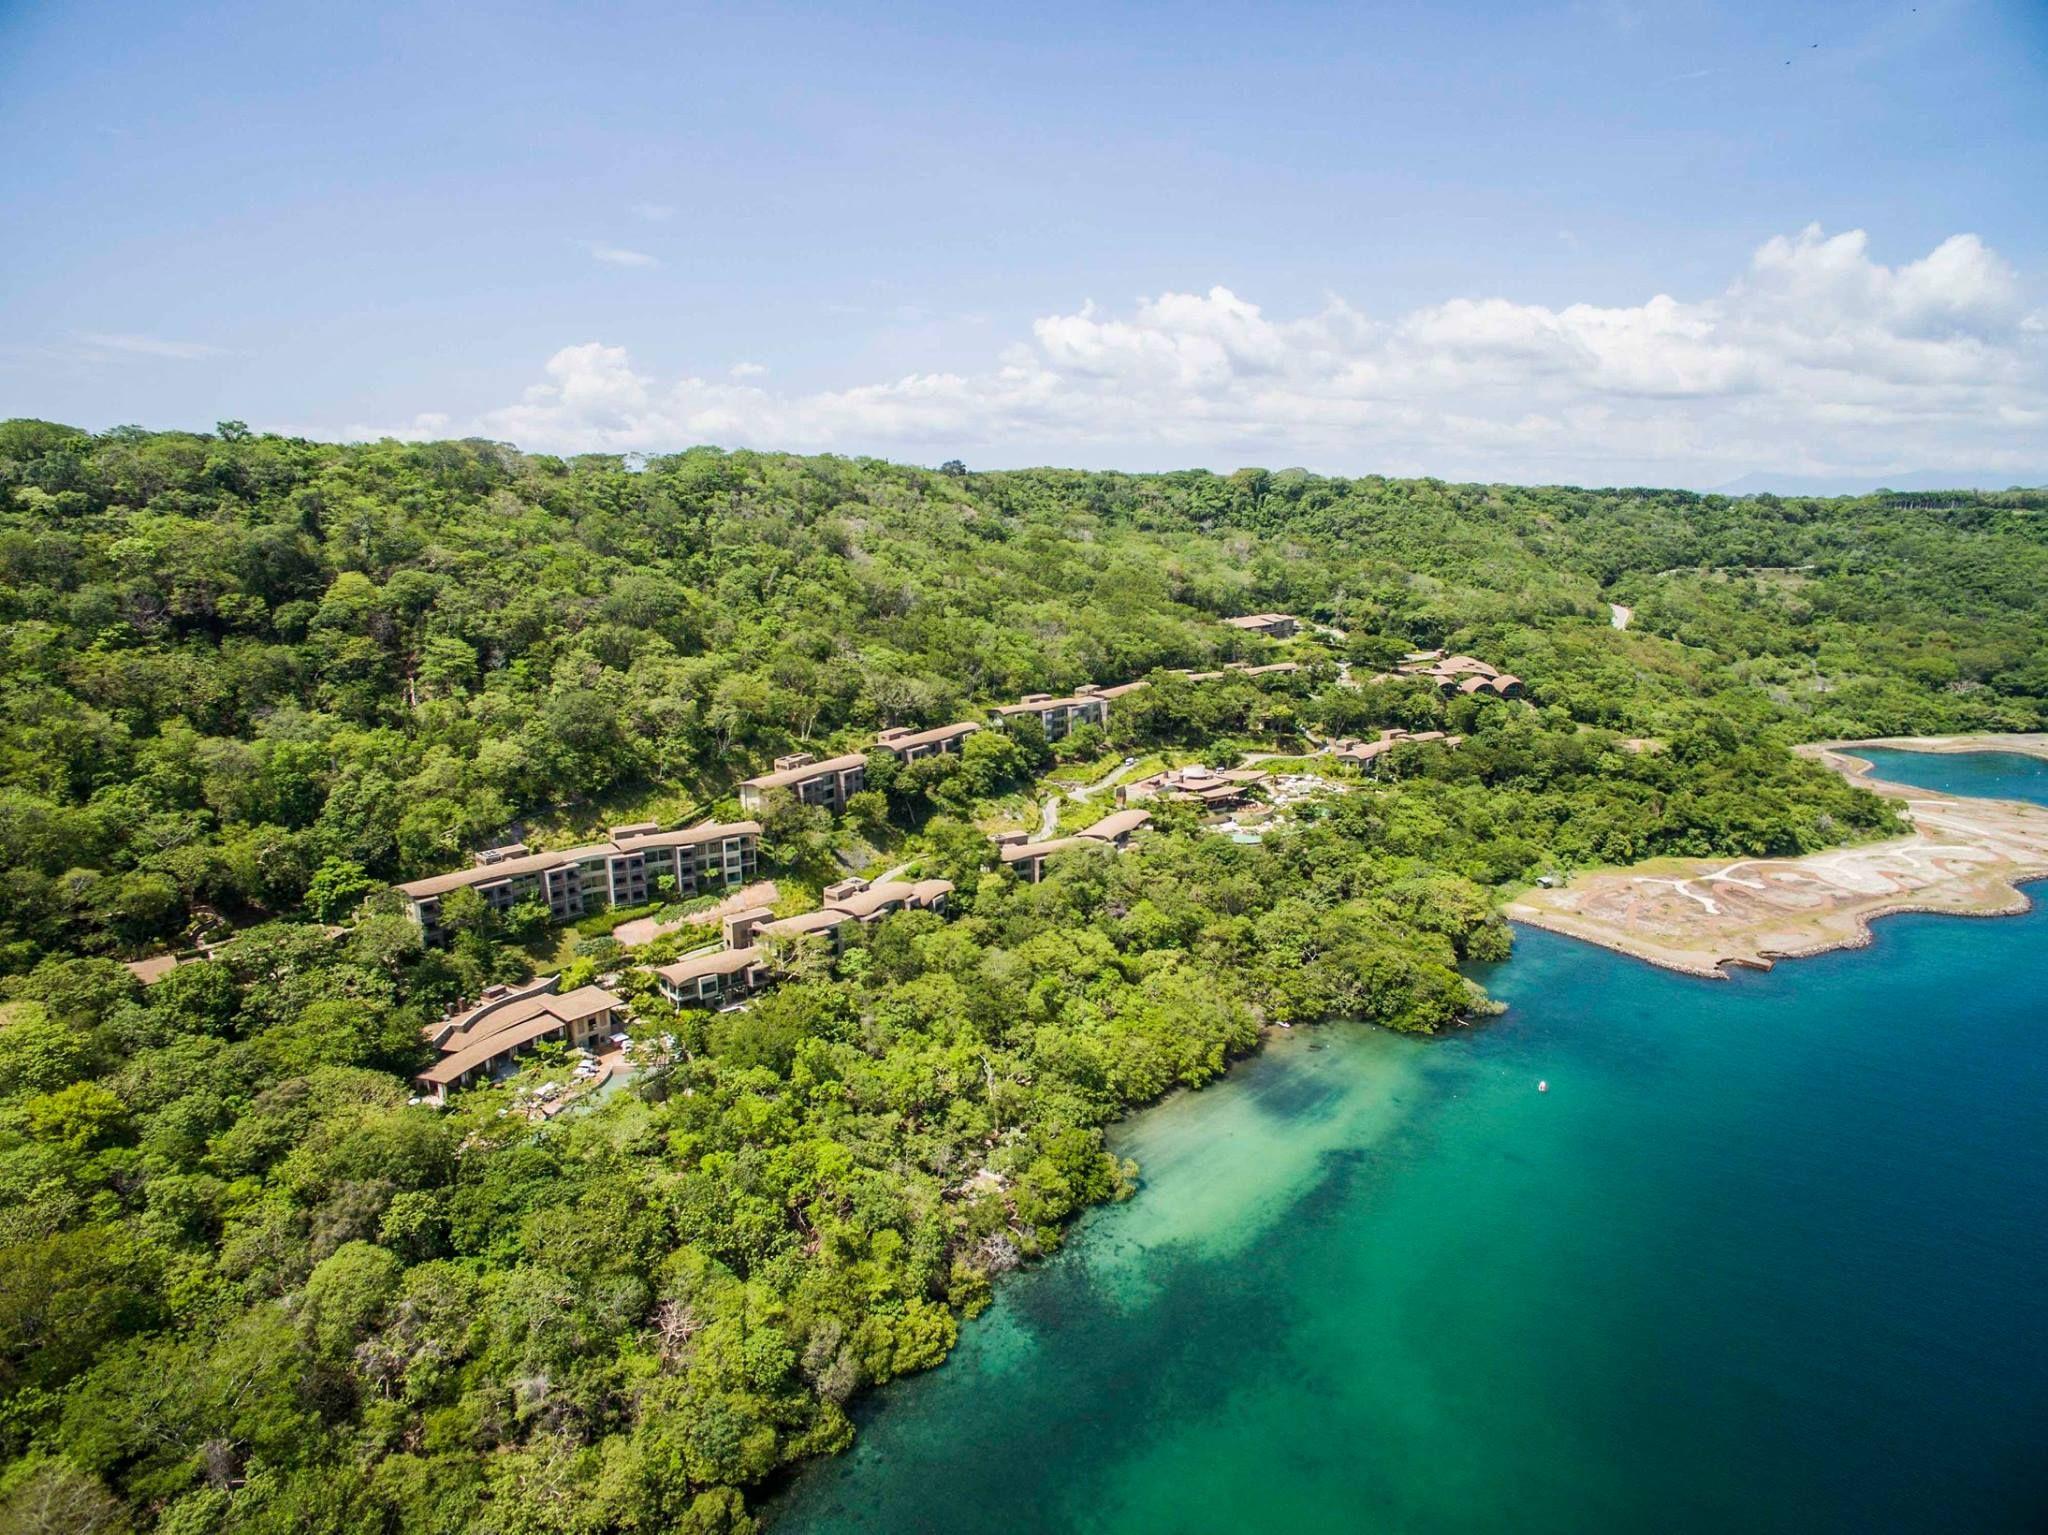 Costa rica ultra luxury central america vacation for Luxury vacation costa rica